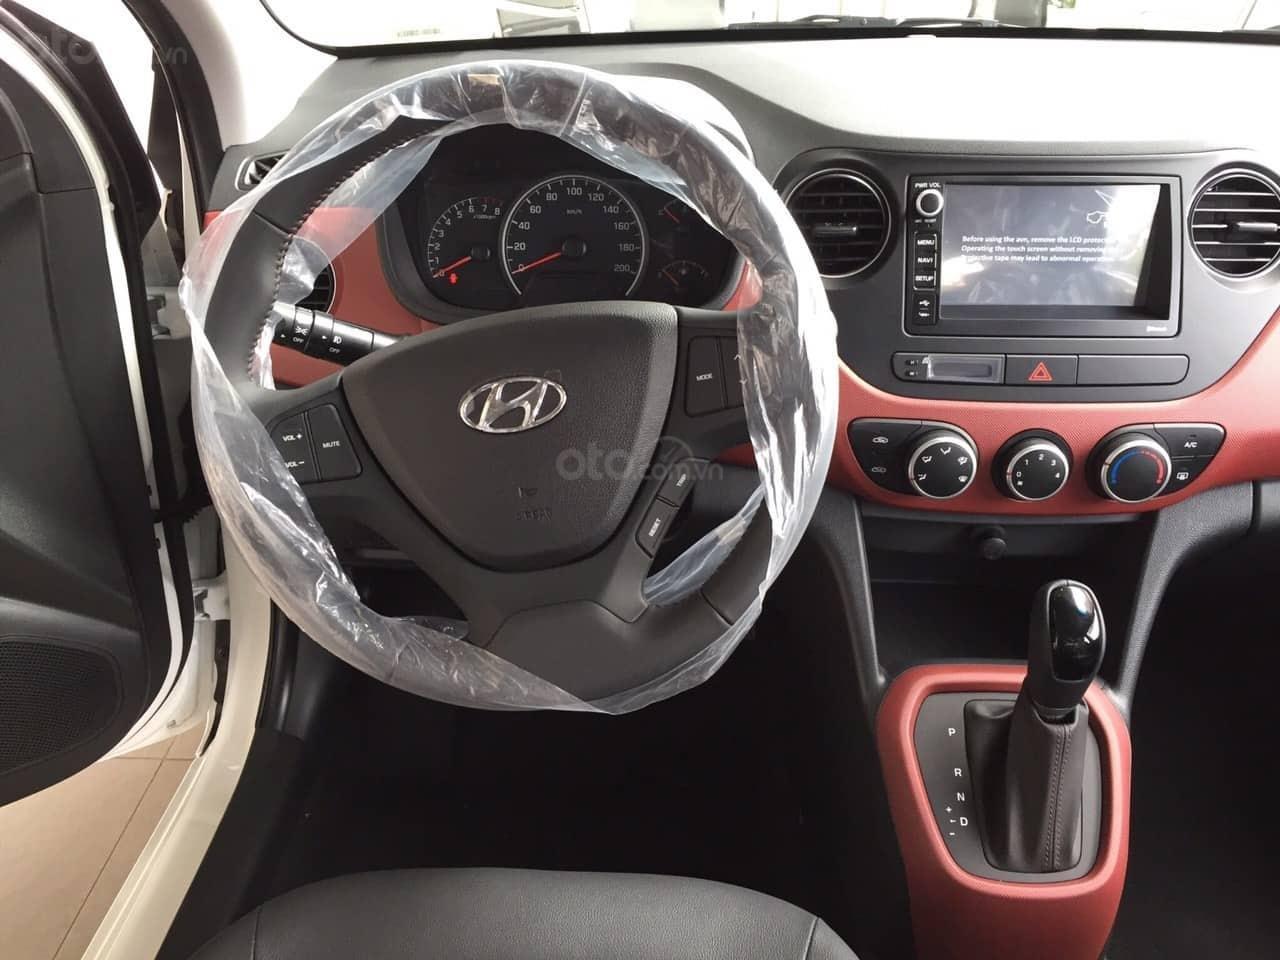 Giảm nóng 20 triệu - Hyundai Grand i10 2019 - Cam kết giá tốt nhất toàn hệ thống (2)